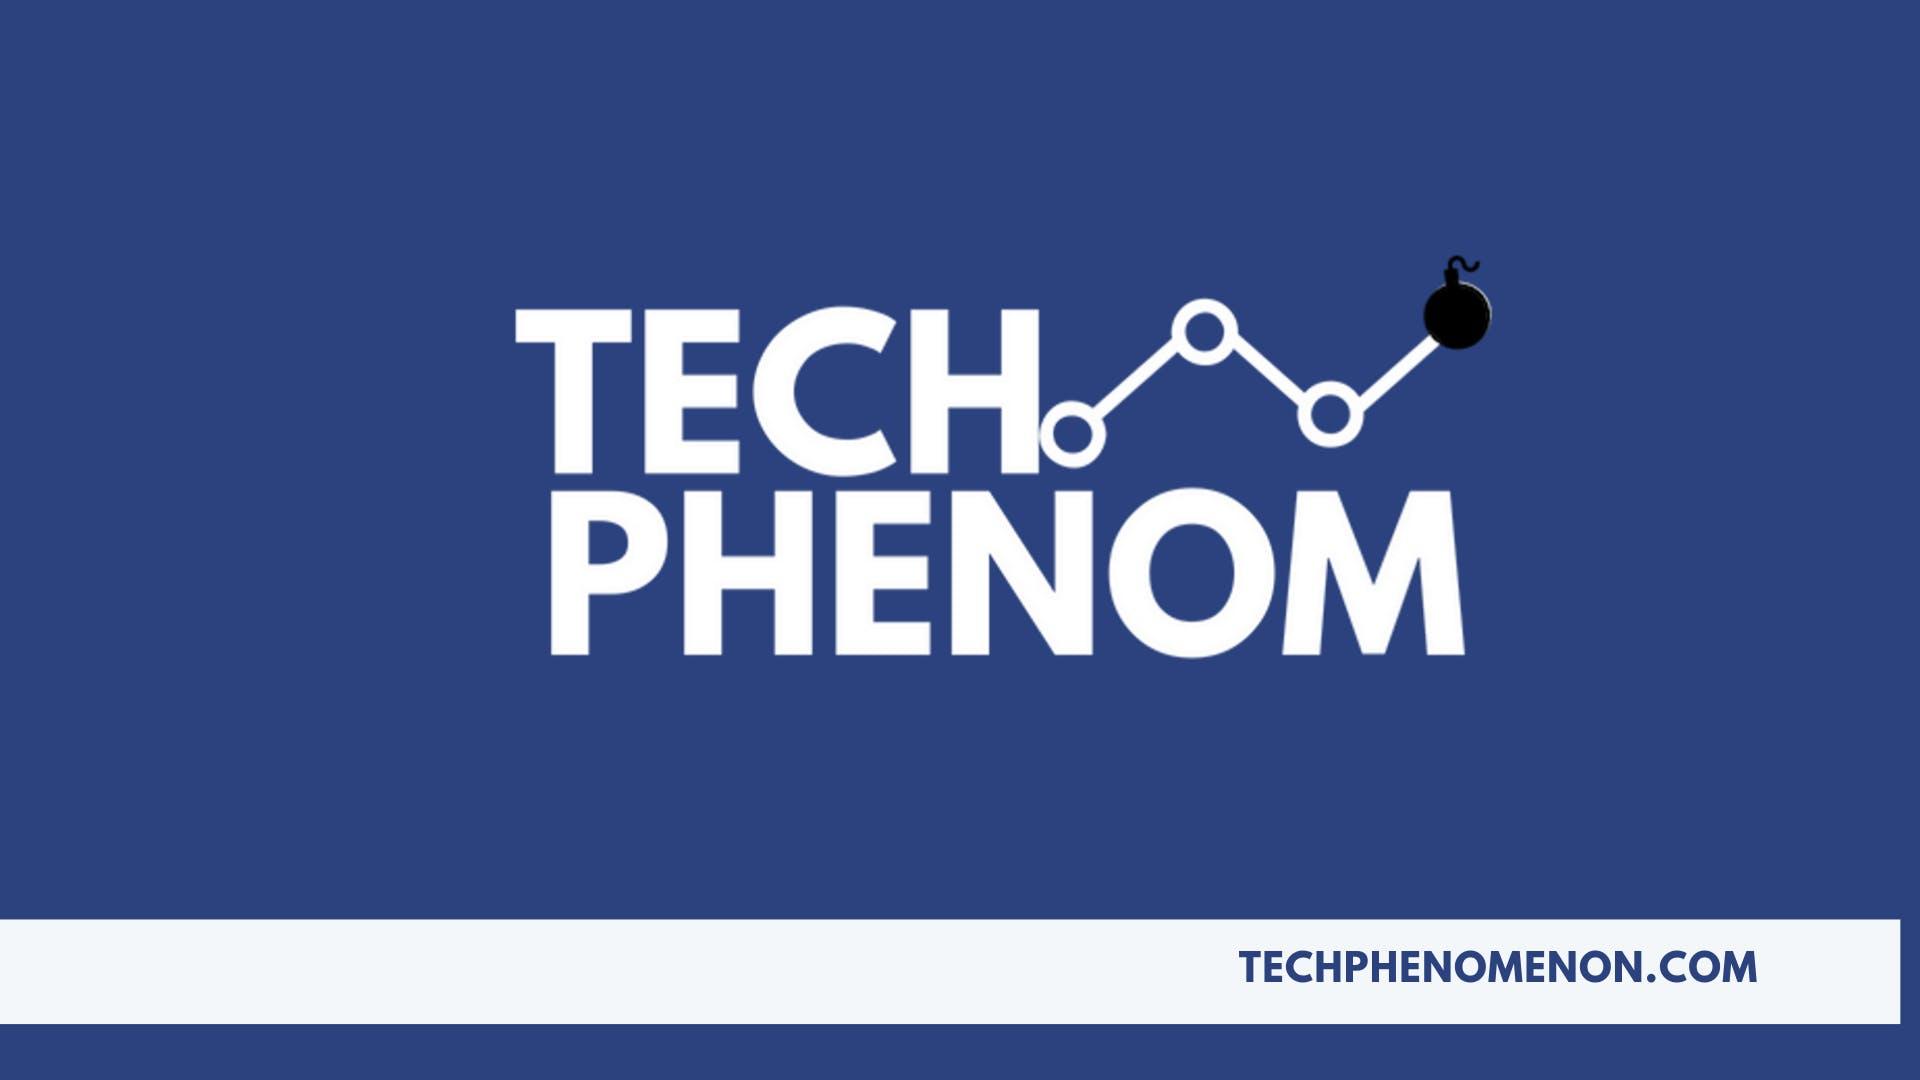 Tech Phenomenon - Innovation World Tour - #DFW Kick Off